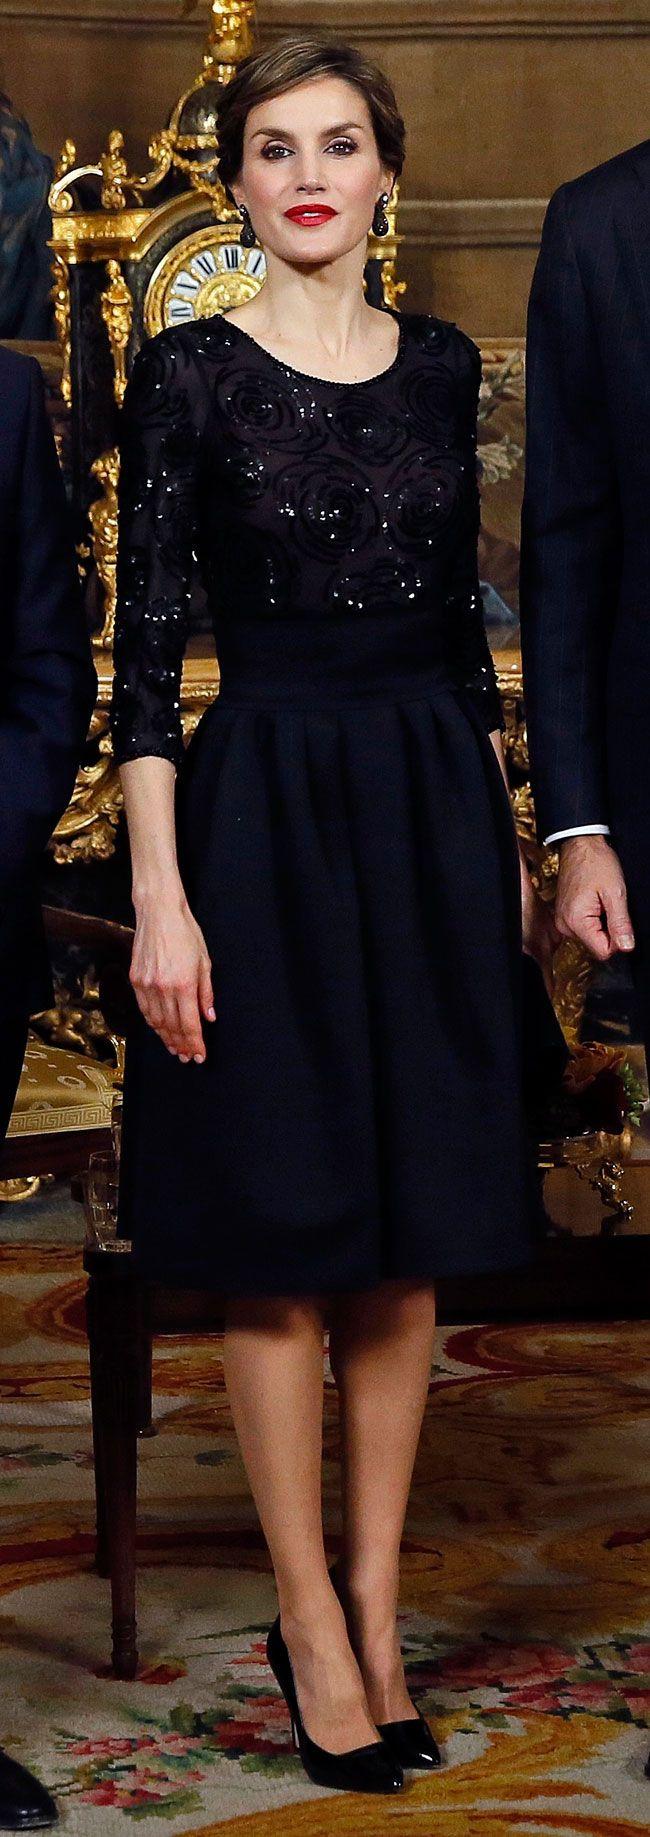 Doña Letizia retomó una falda modelo de vuelo con cinturilla ancha y alta de Hugo Boss con un top en georgette de seda de Felipe Varela, que debutó en los Premios Príncipe de Asturias de 2012, una cartera de Felipe Varela, zapatos de charol de Magrit y los pendientes de De Grisogono. Palacio Real de Madrid, 17.03.2016